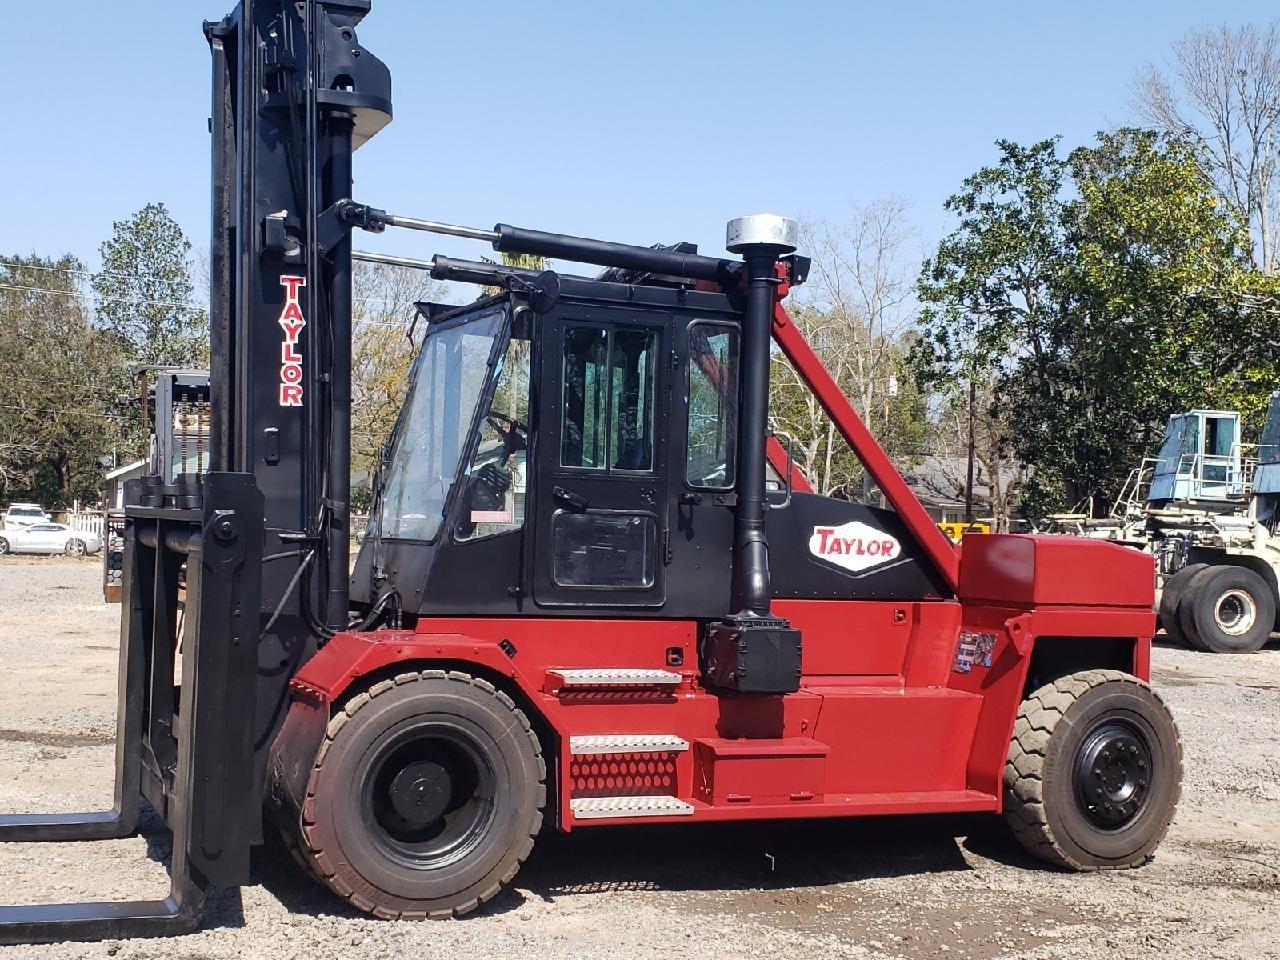 Used, 2015, Taylor, TXH360L, Forklifts / Lift Trucks